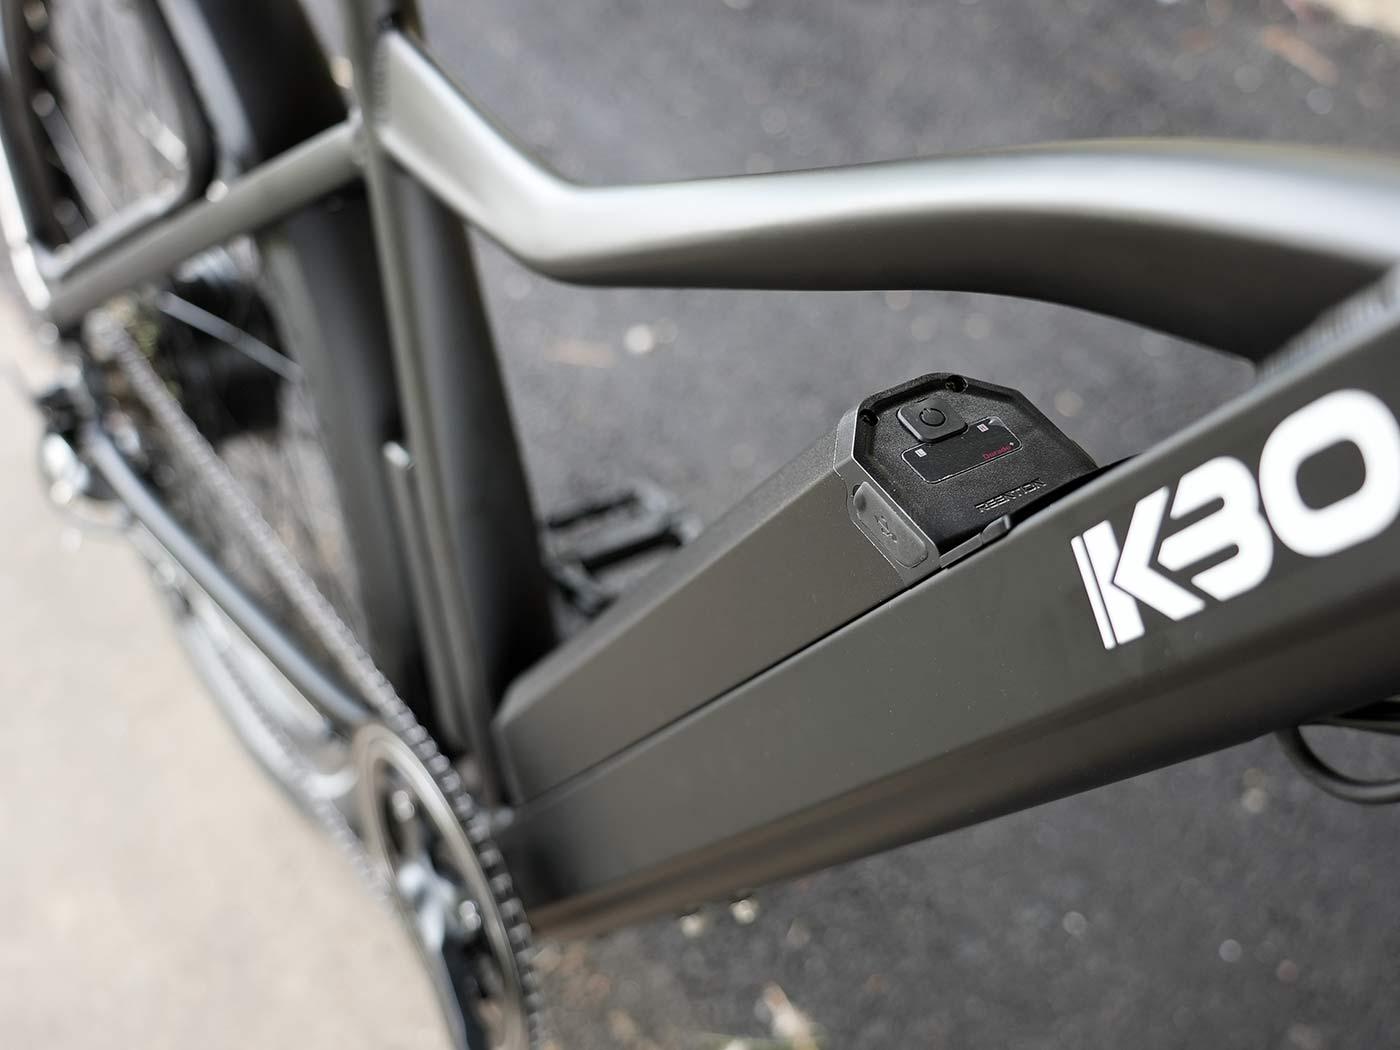 kbo breeze commuter e-bike battery